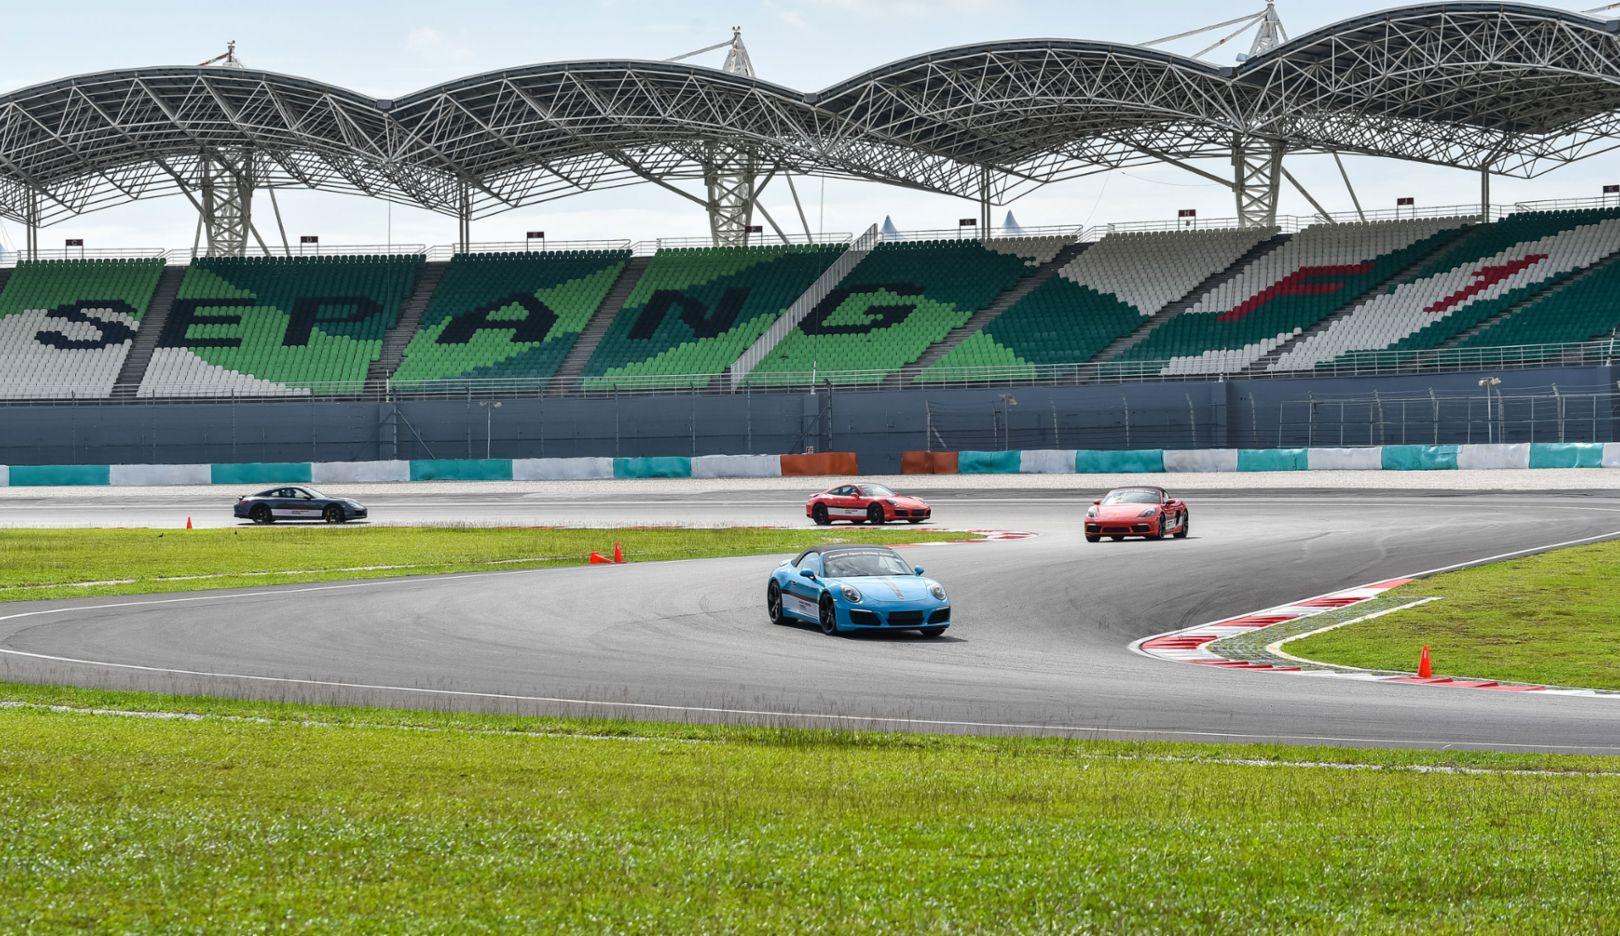 911 Turbo, 911 Turbo S, Porsche Driving Experience, Sepang, Malaysia, 2017, Porsche AG